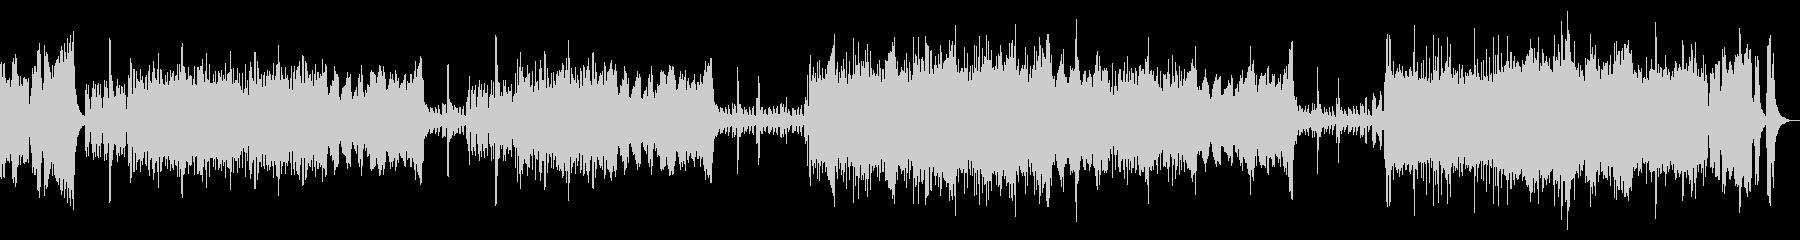 本格的オーケストラOPの未再生の波形